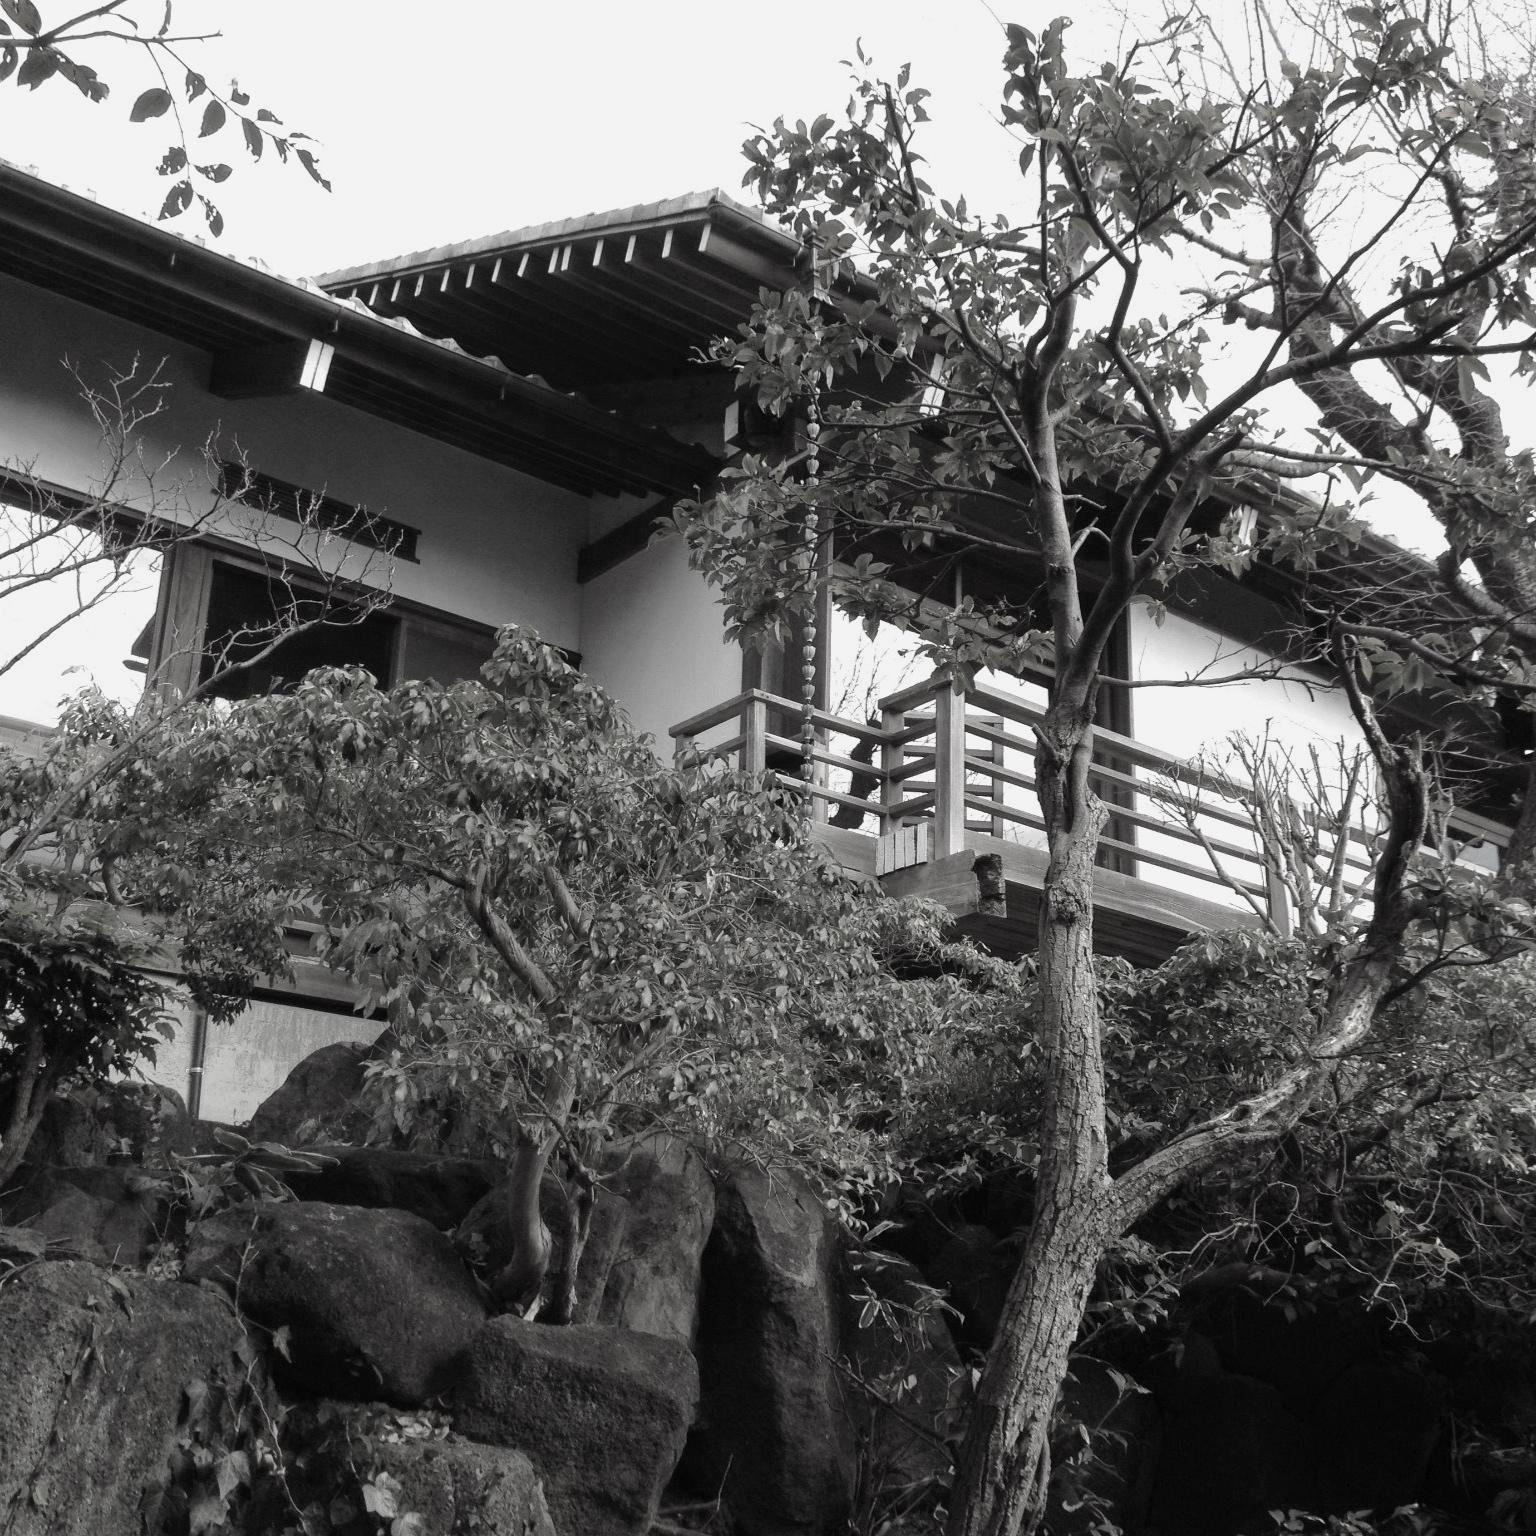 鎌倉山 太寿庵 - 戦後の近代和風建築と庭園を保存(鎌倉市鎌倉山 2012年)